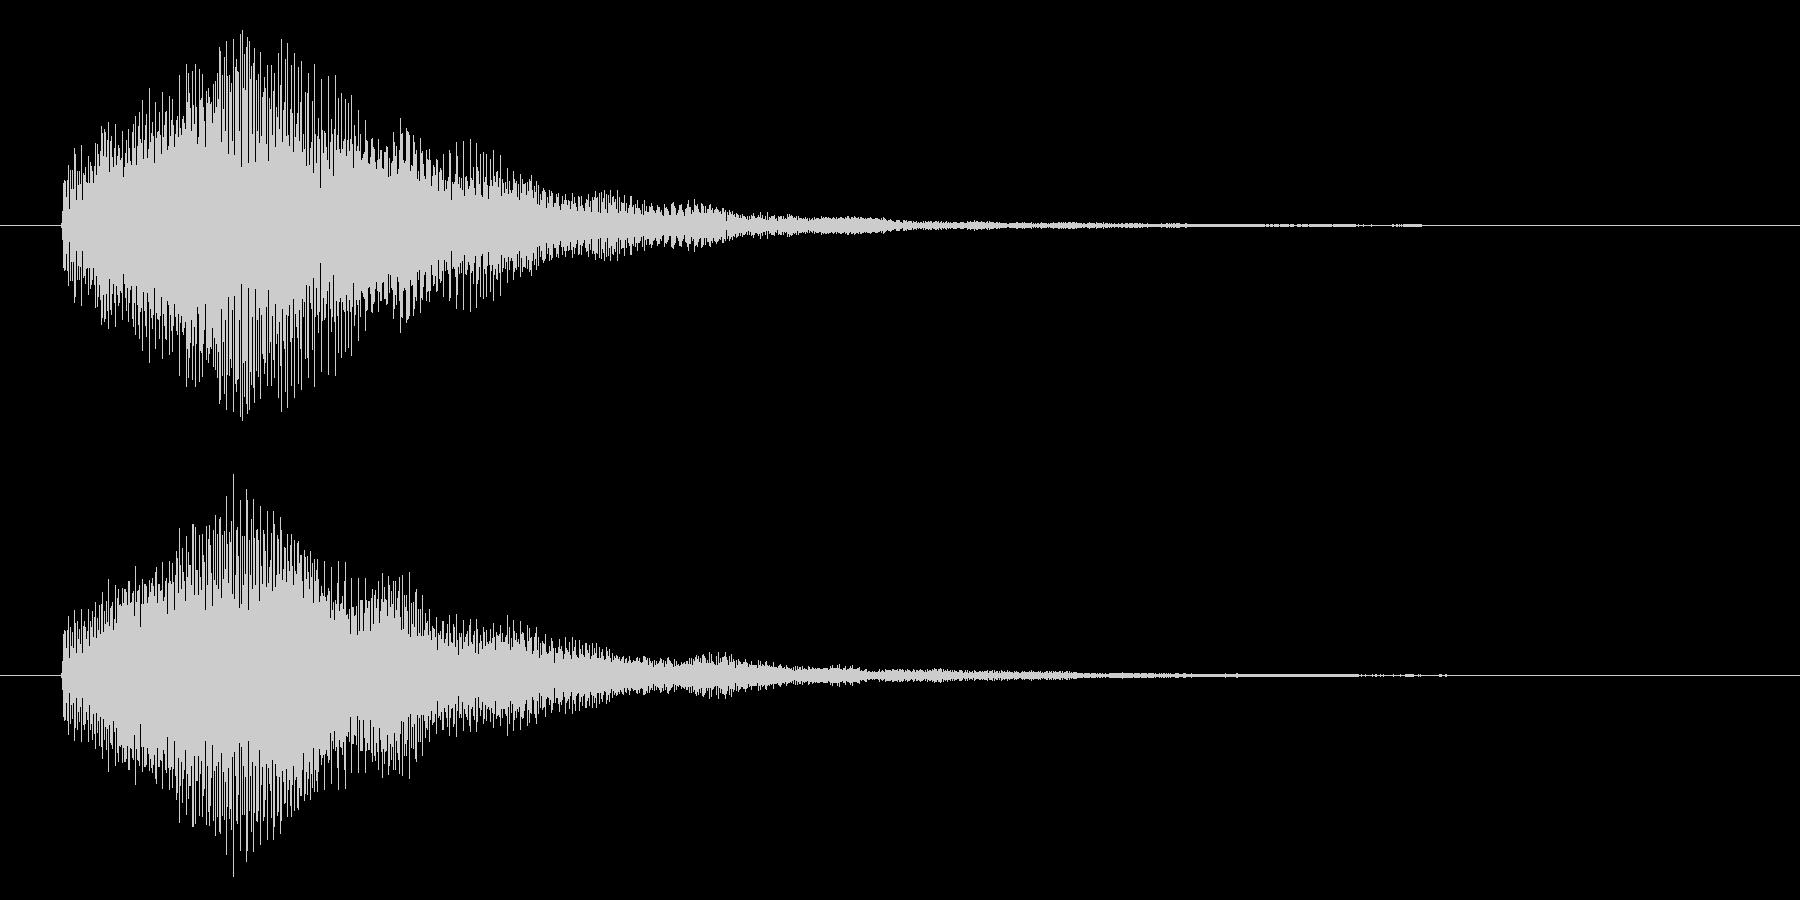 ハイテク・科学・SF風シンセジングルの未再生の波形